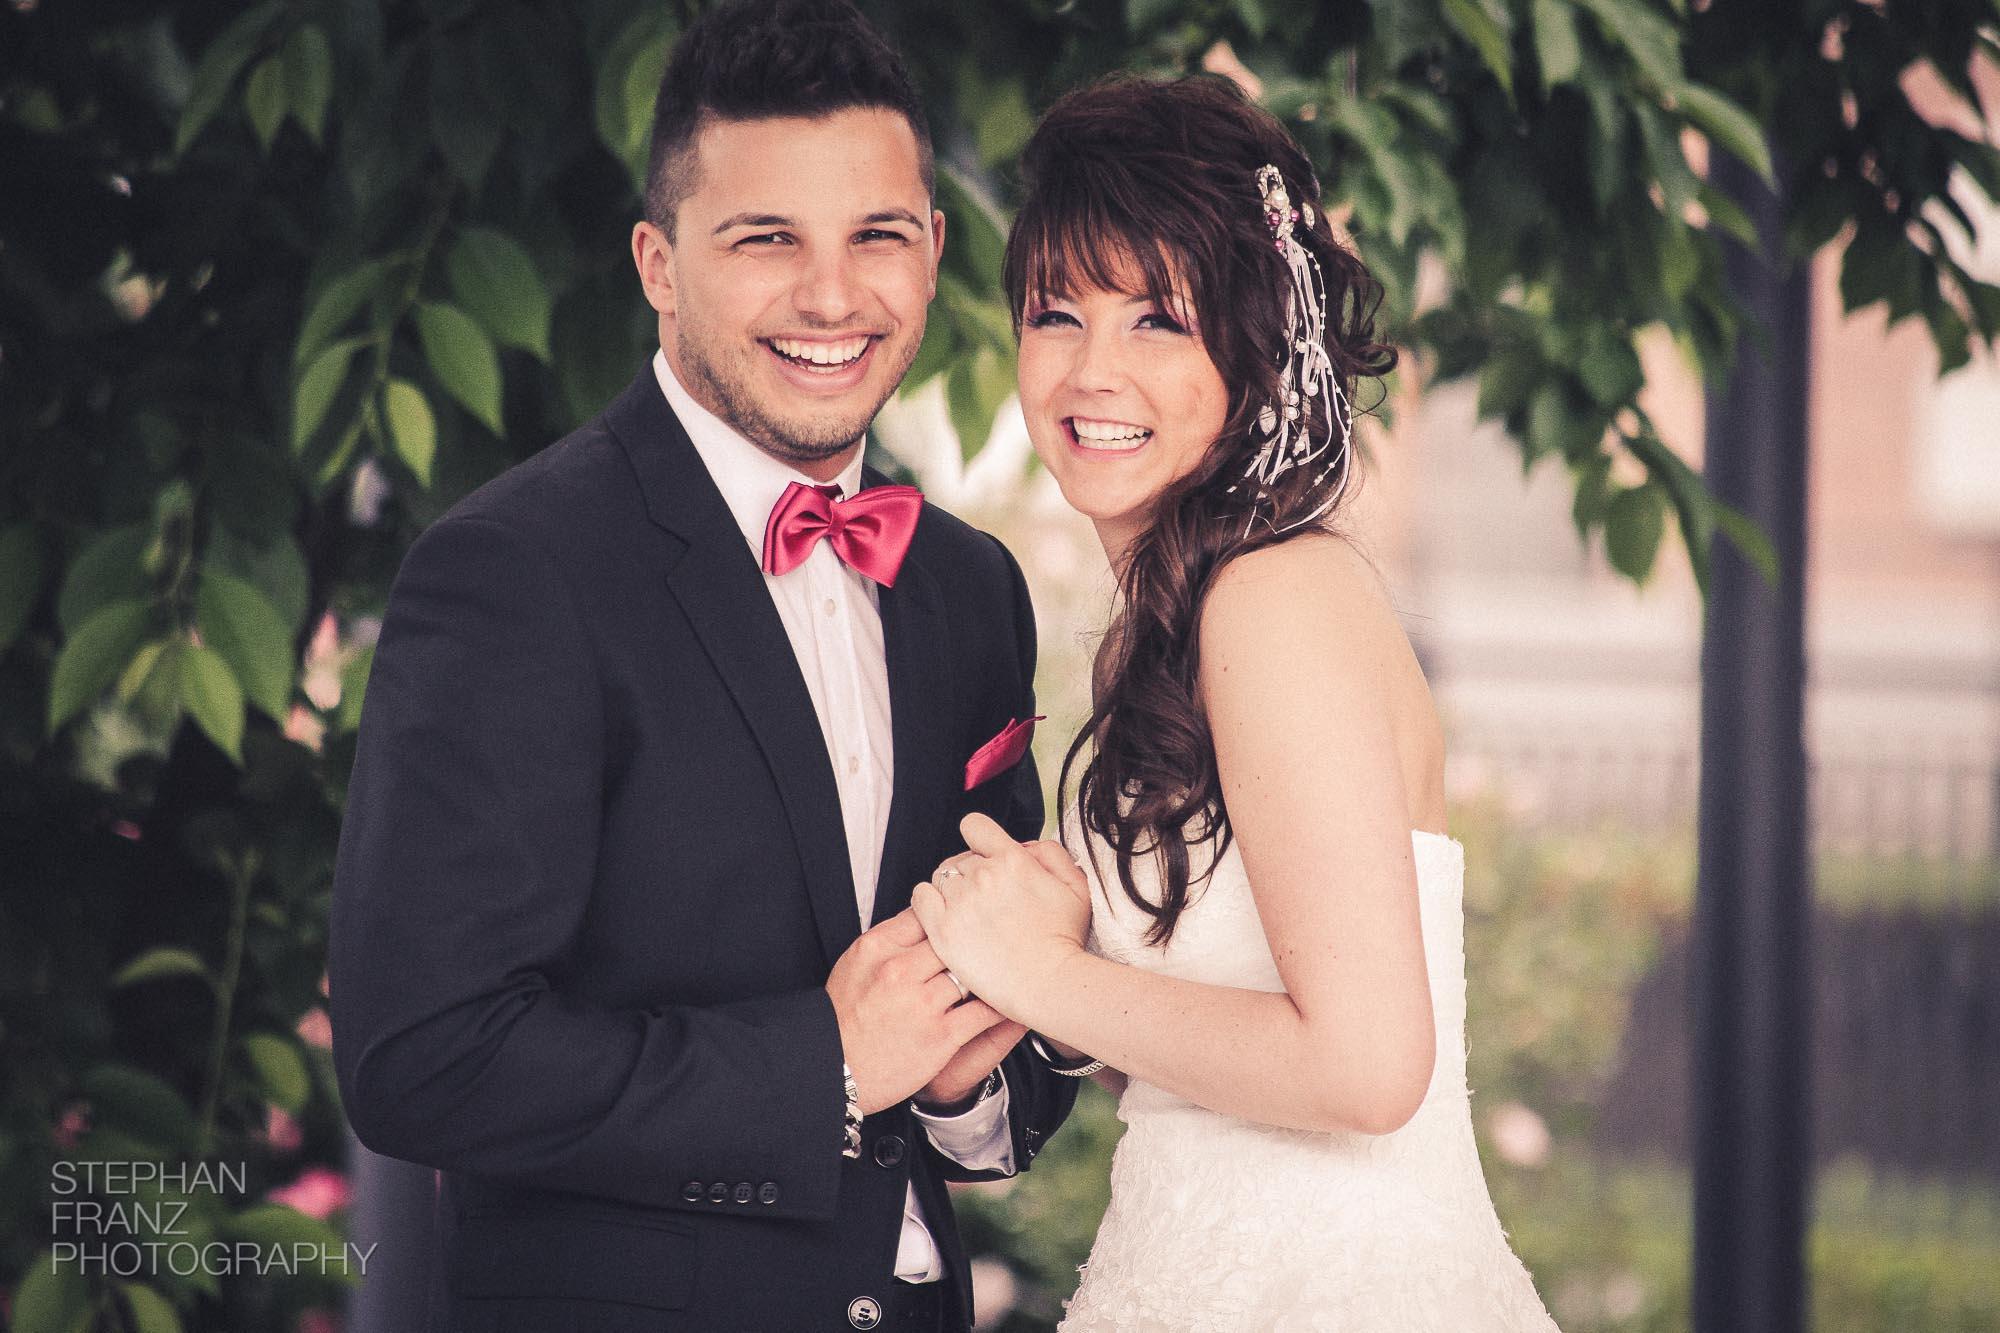 Hochzeit Kesselhaus Kolbermoor Juni 2012 - Stephan Franz Photography